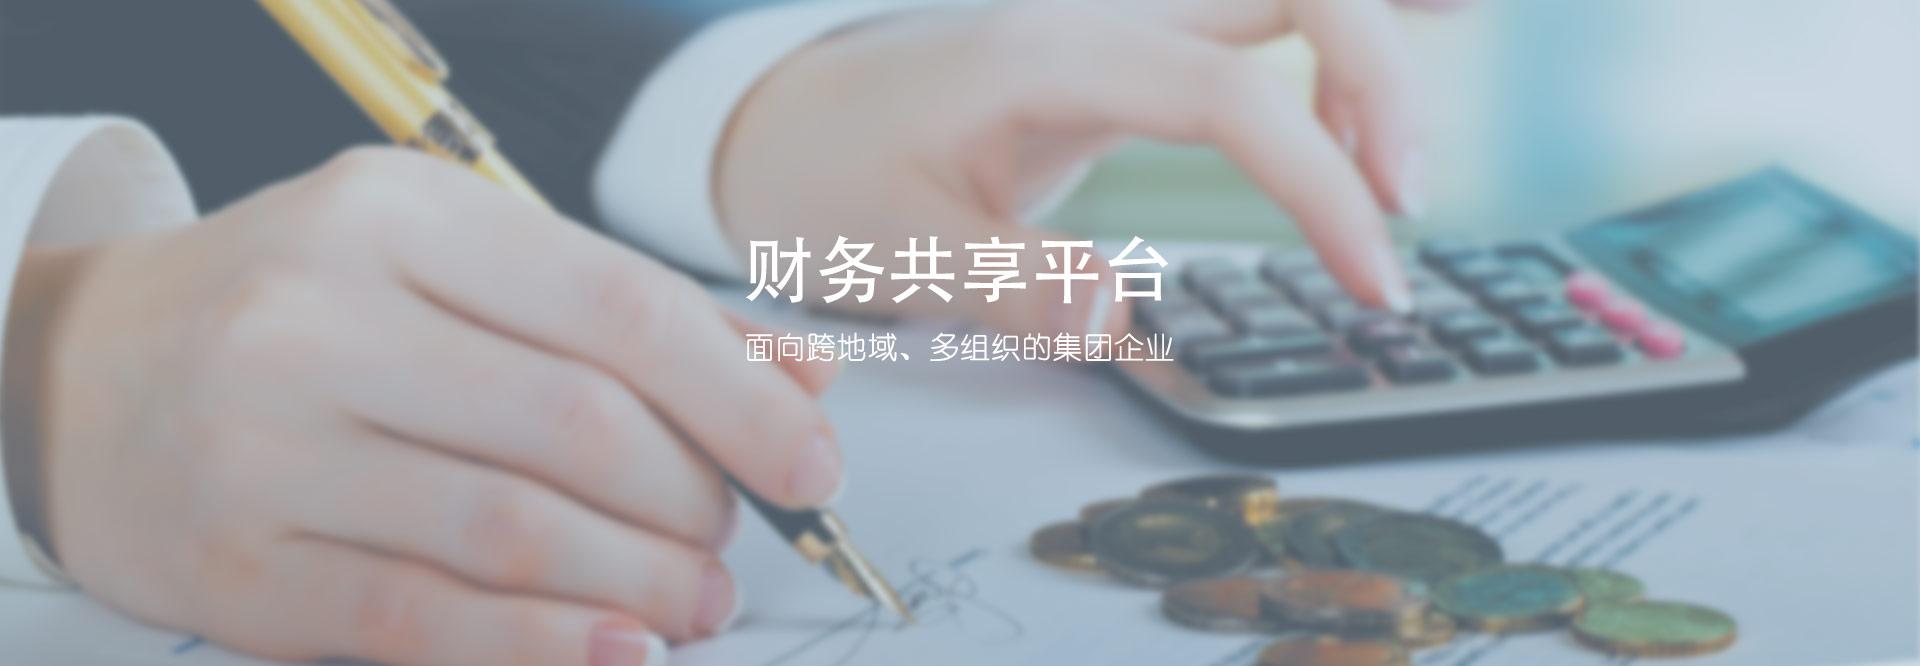 财务共享平台